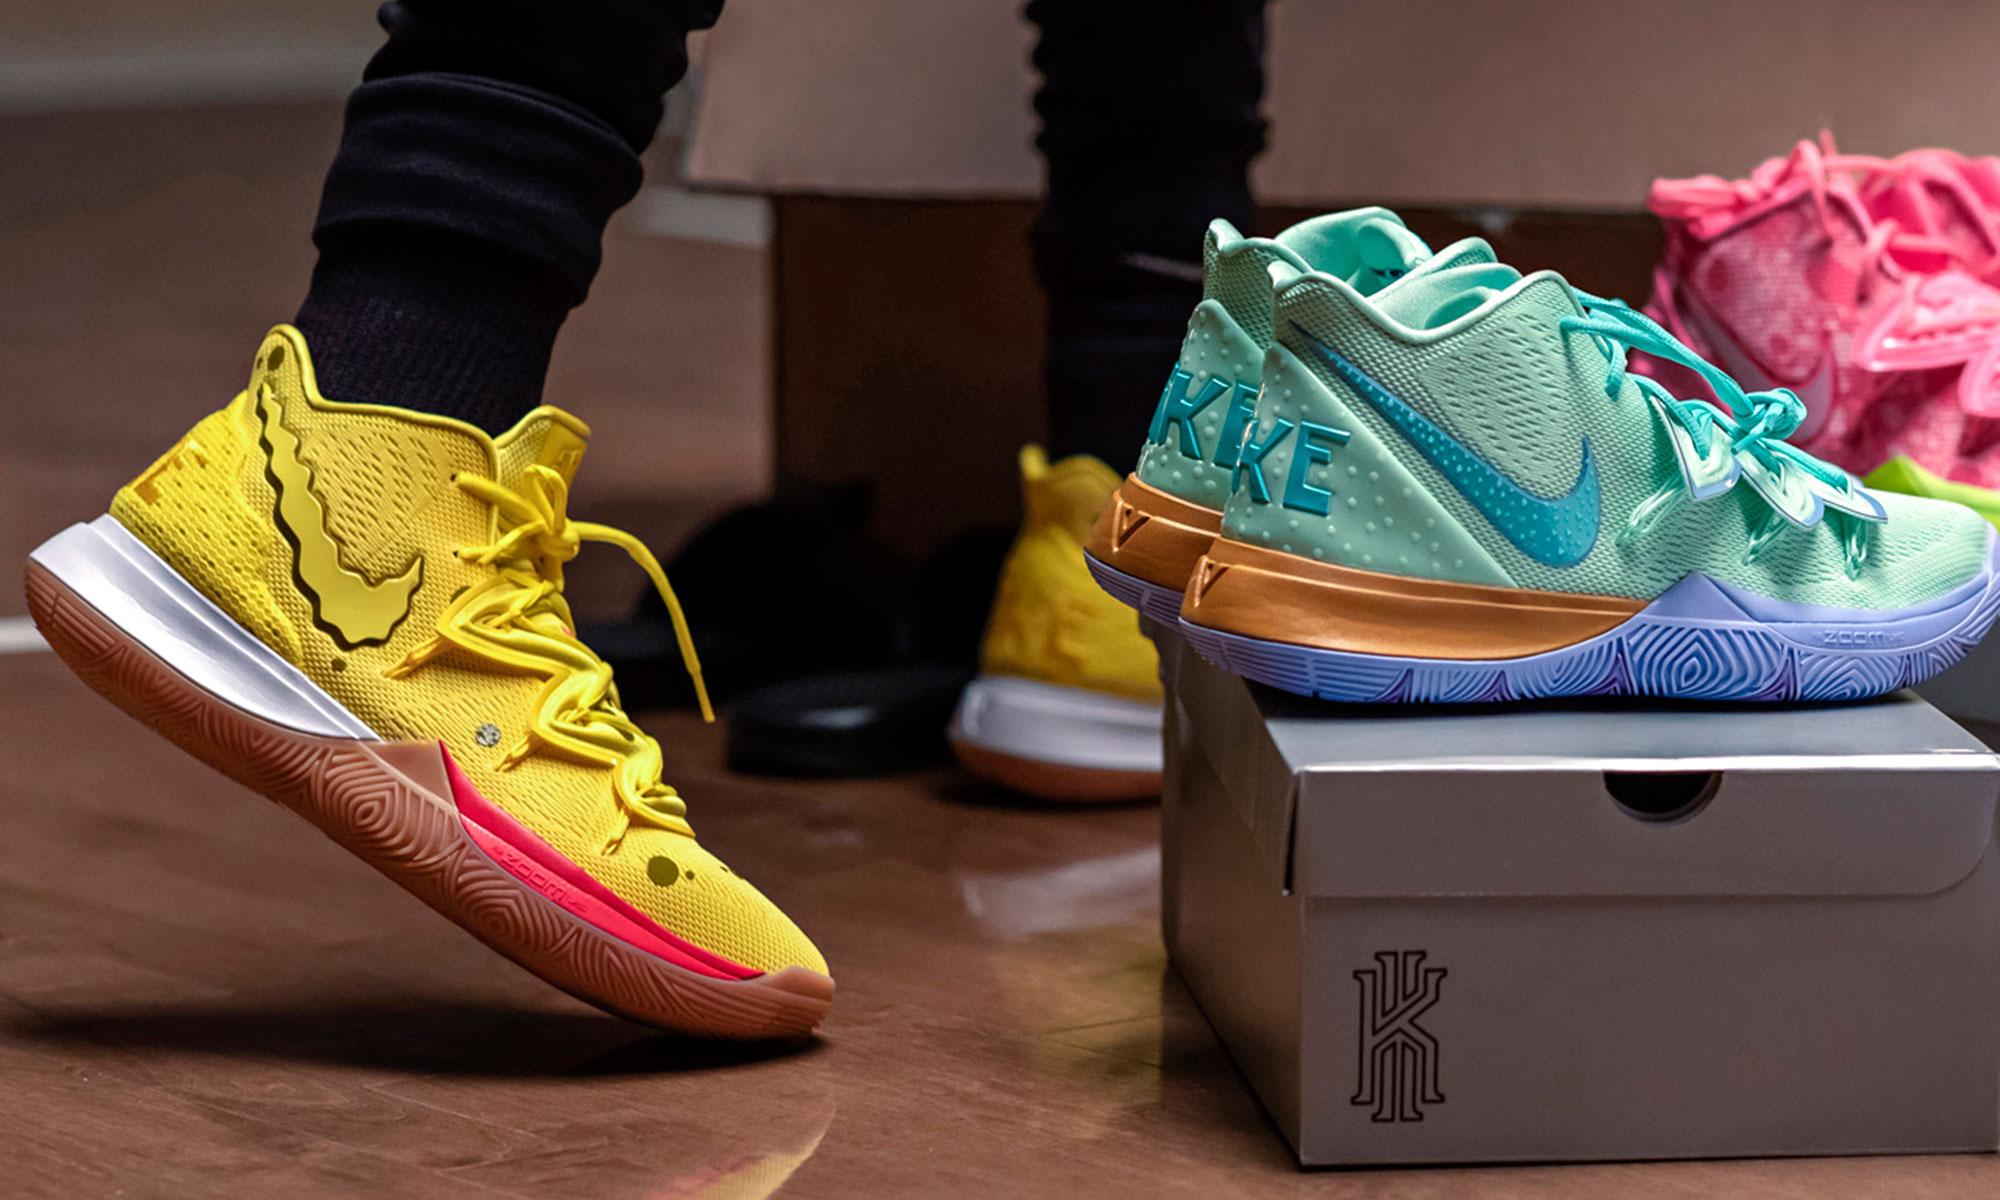 Nike x Spongebob Squarepants Kyrie